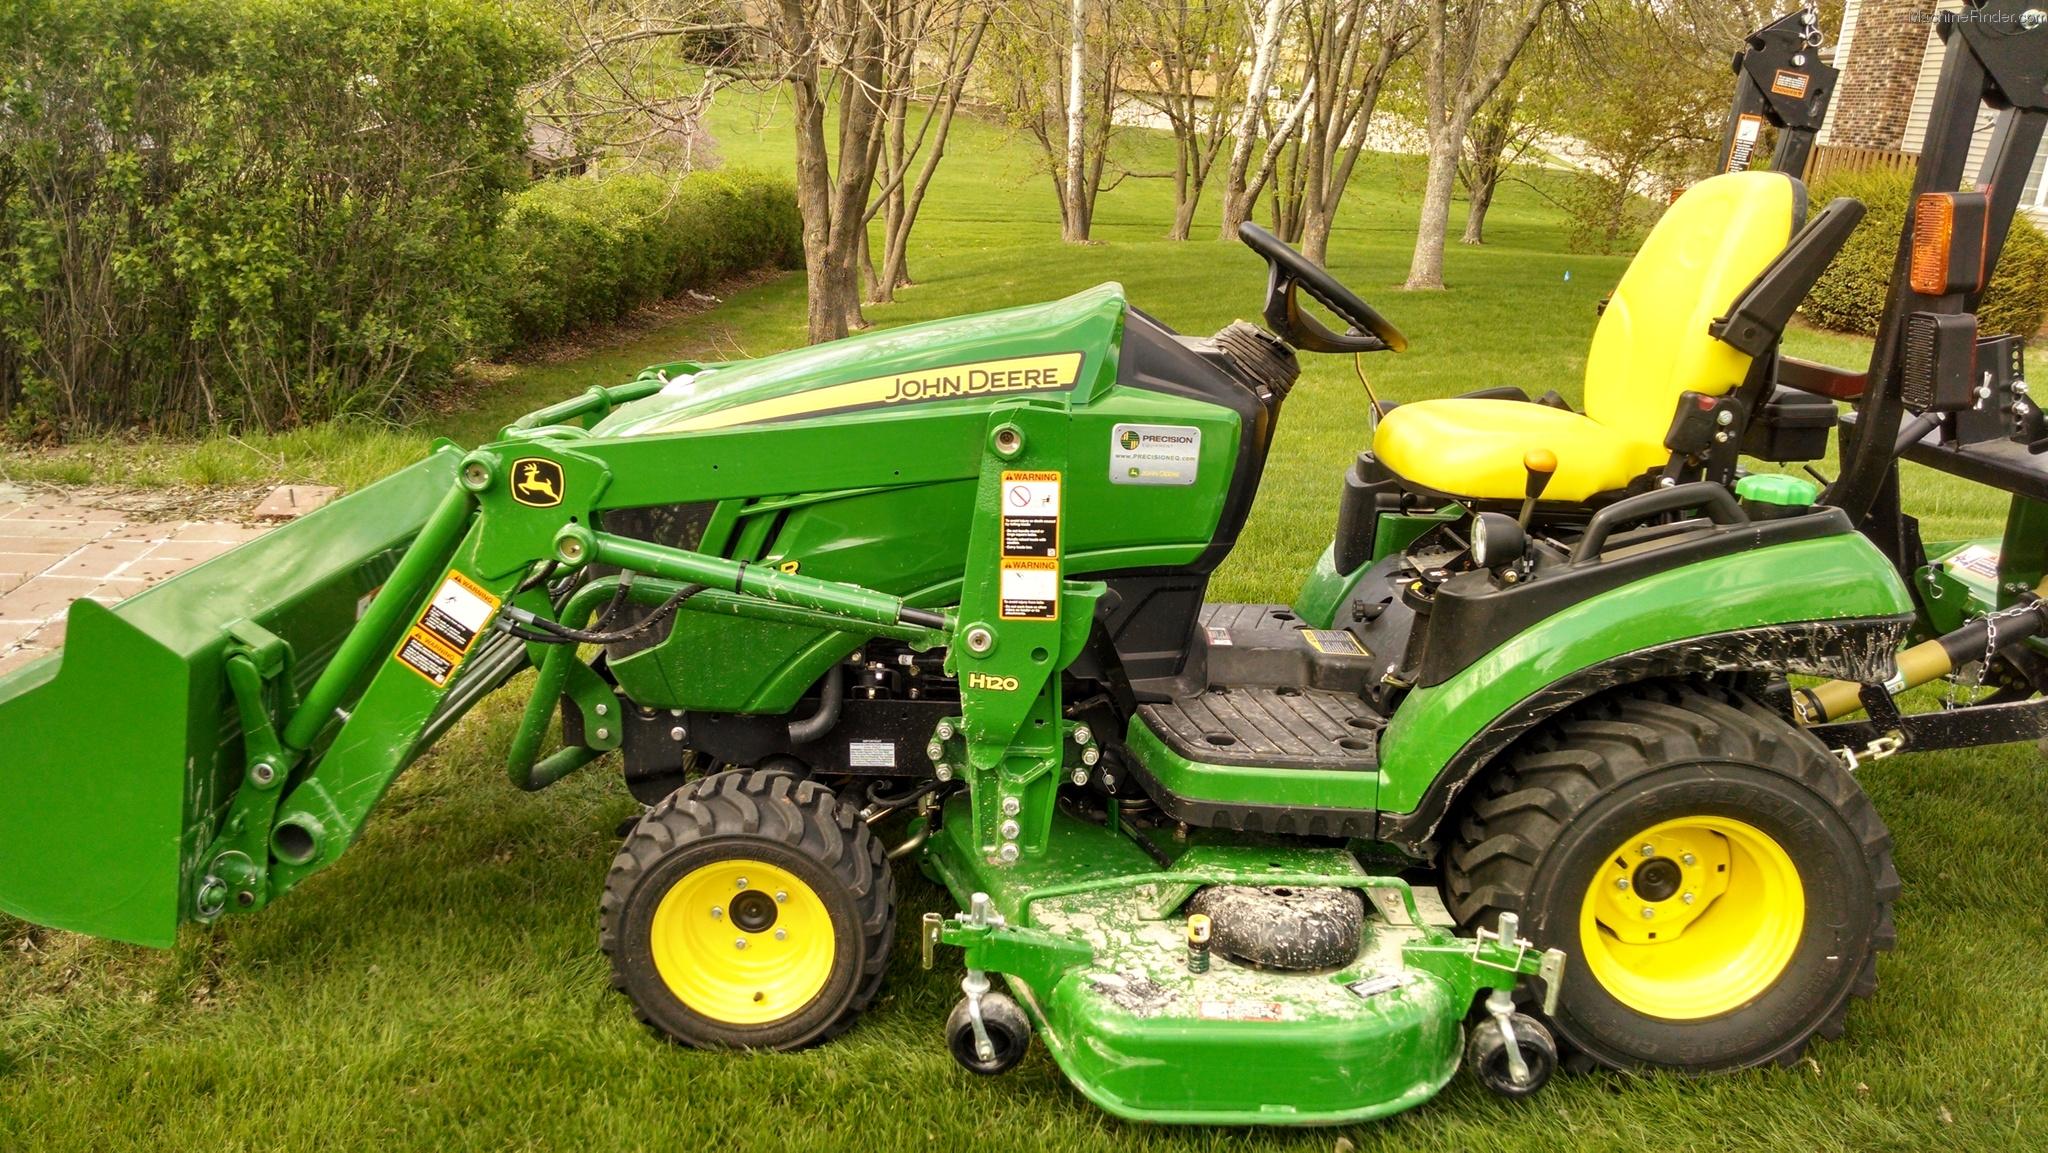 2013 John Deere 1025R Tractors - Compact (1-40hp.) - John Deere ...